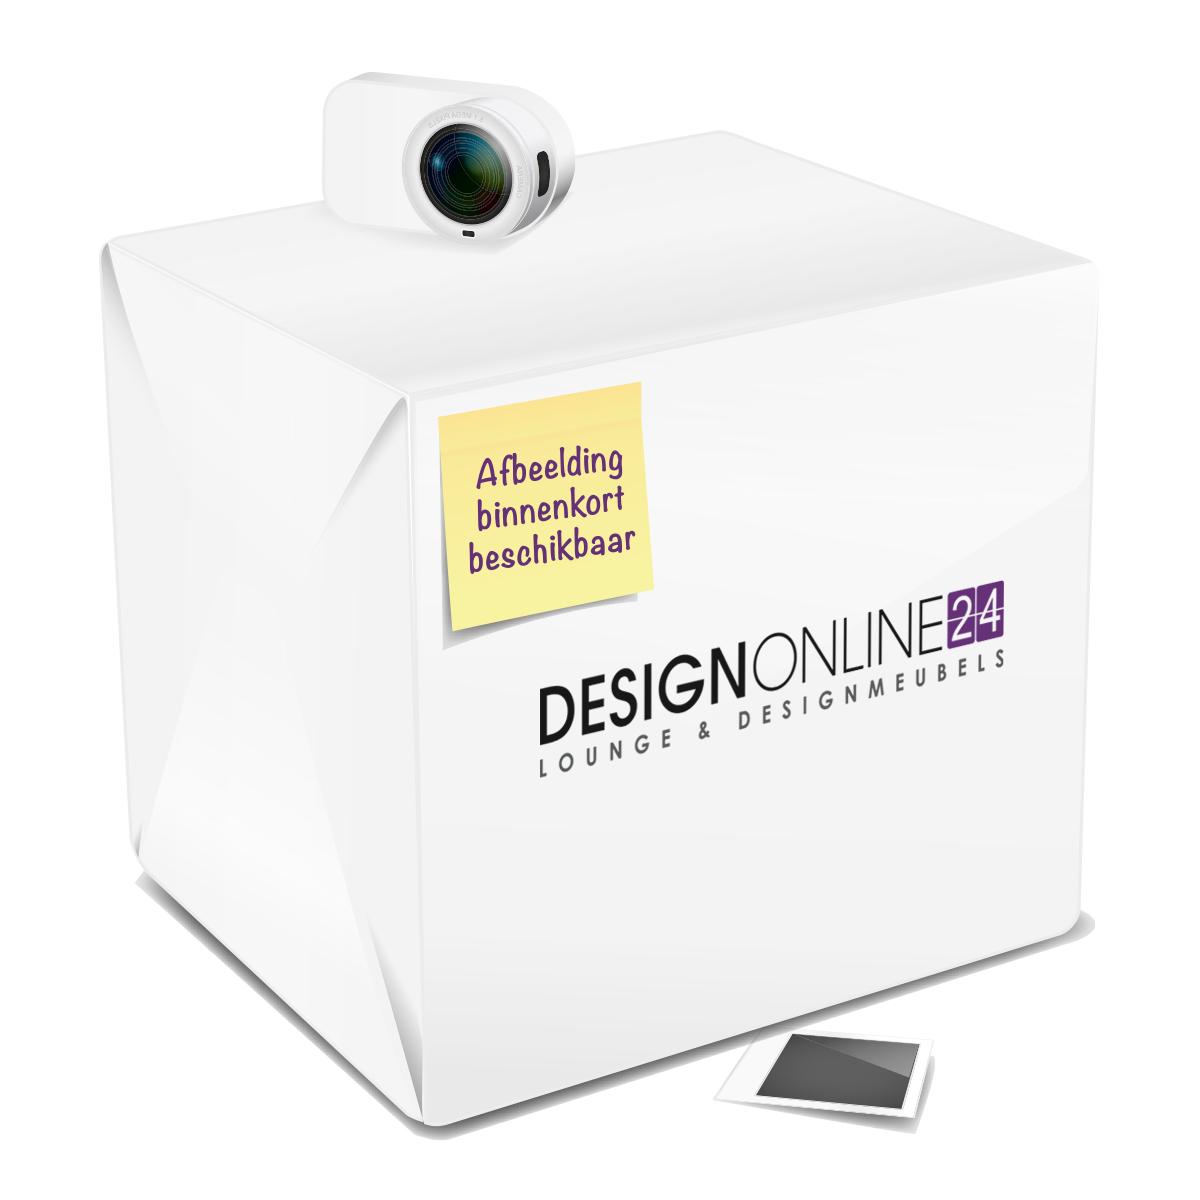 24Designs 24Designs Loungeset voor 4 Personen - Marina - Bruin/Grijs Polyrattan Wicker met Bruine kussens